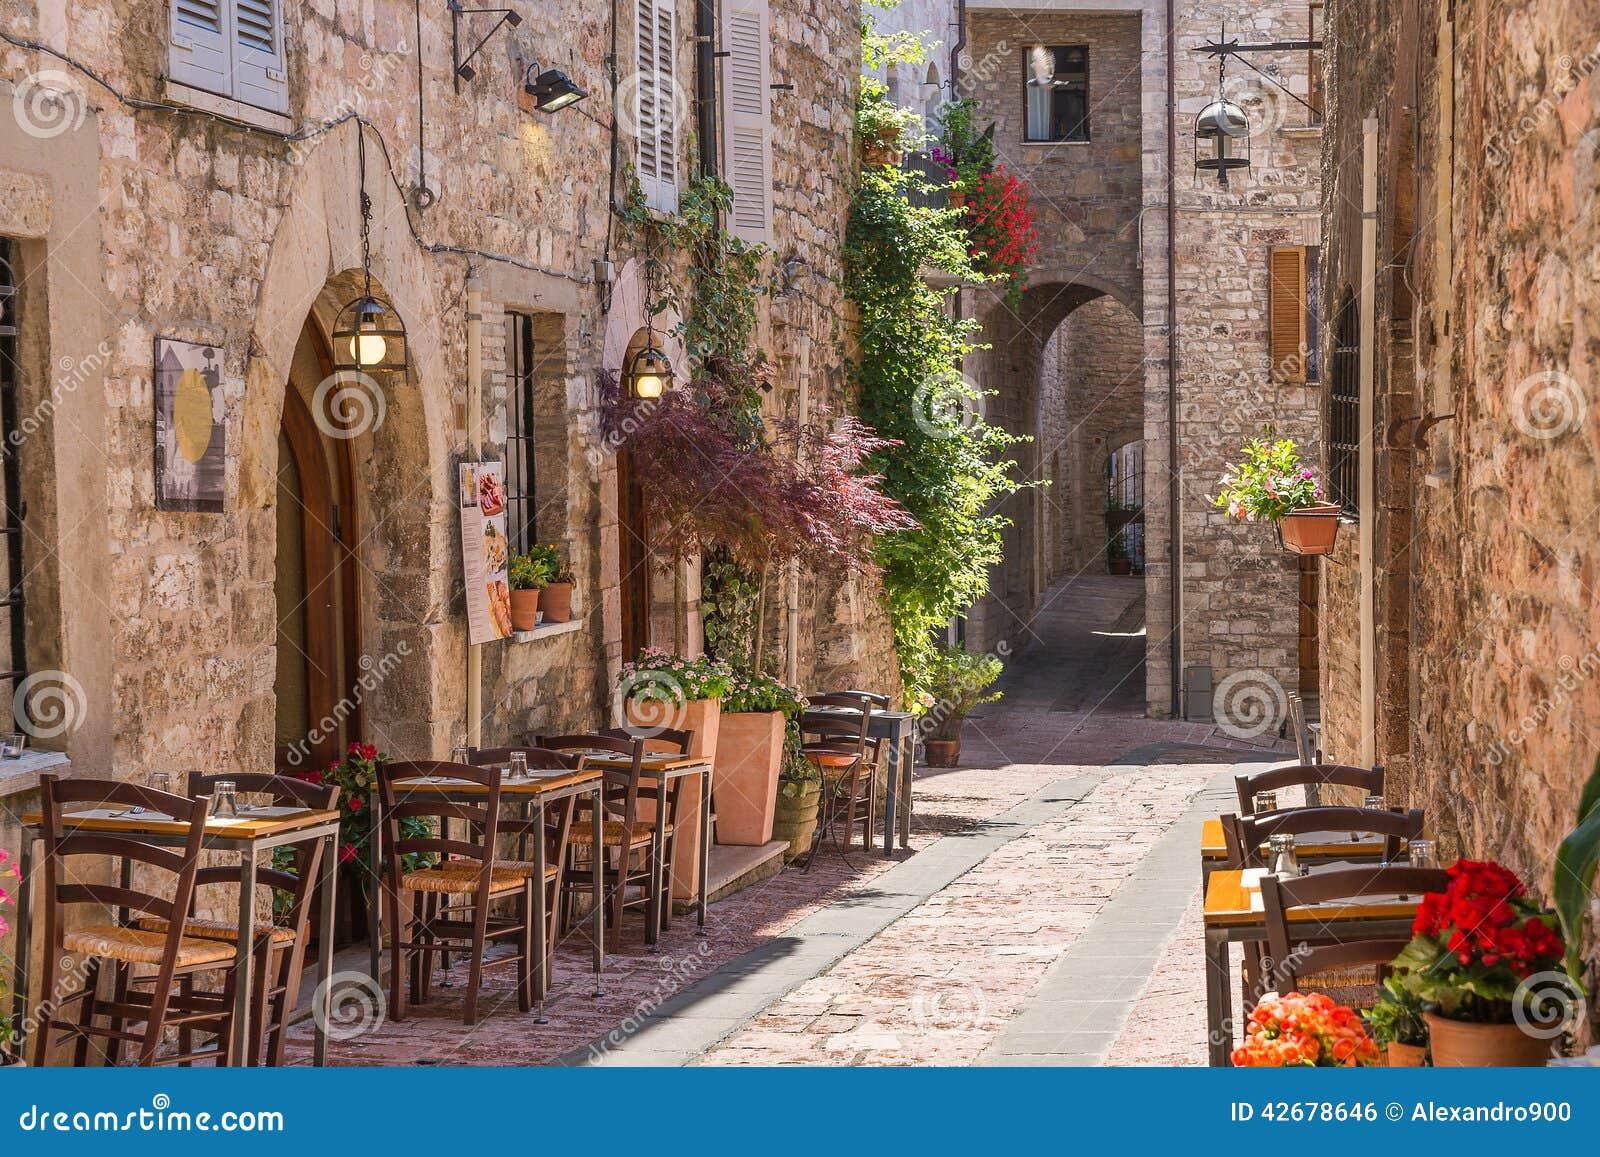 Alley House Restaurant